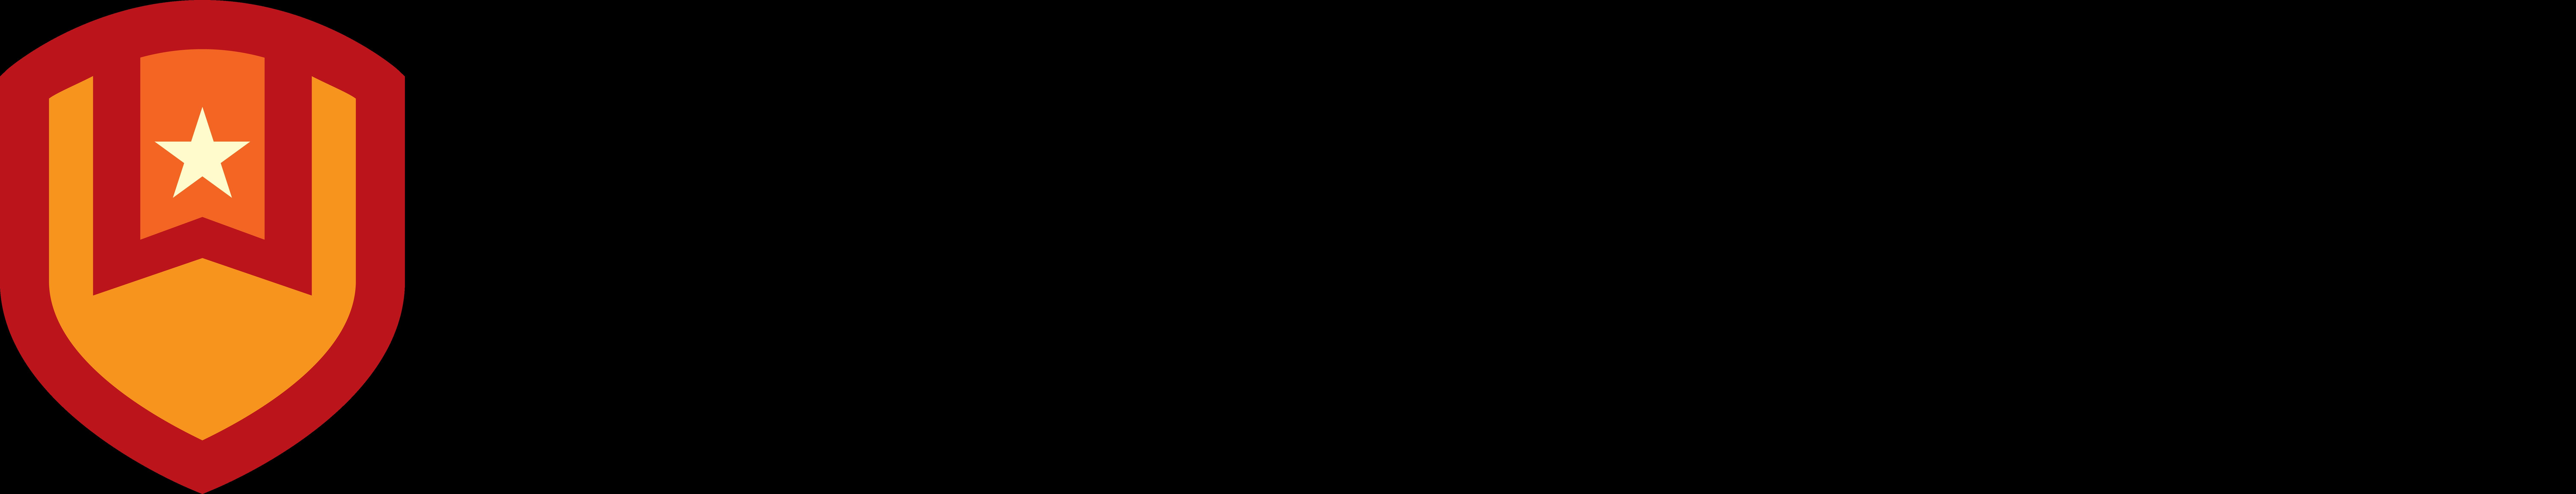 NFORS Logo www.nfors.org/